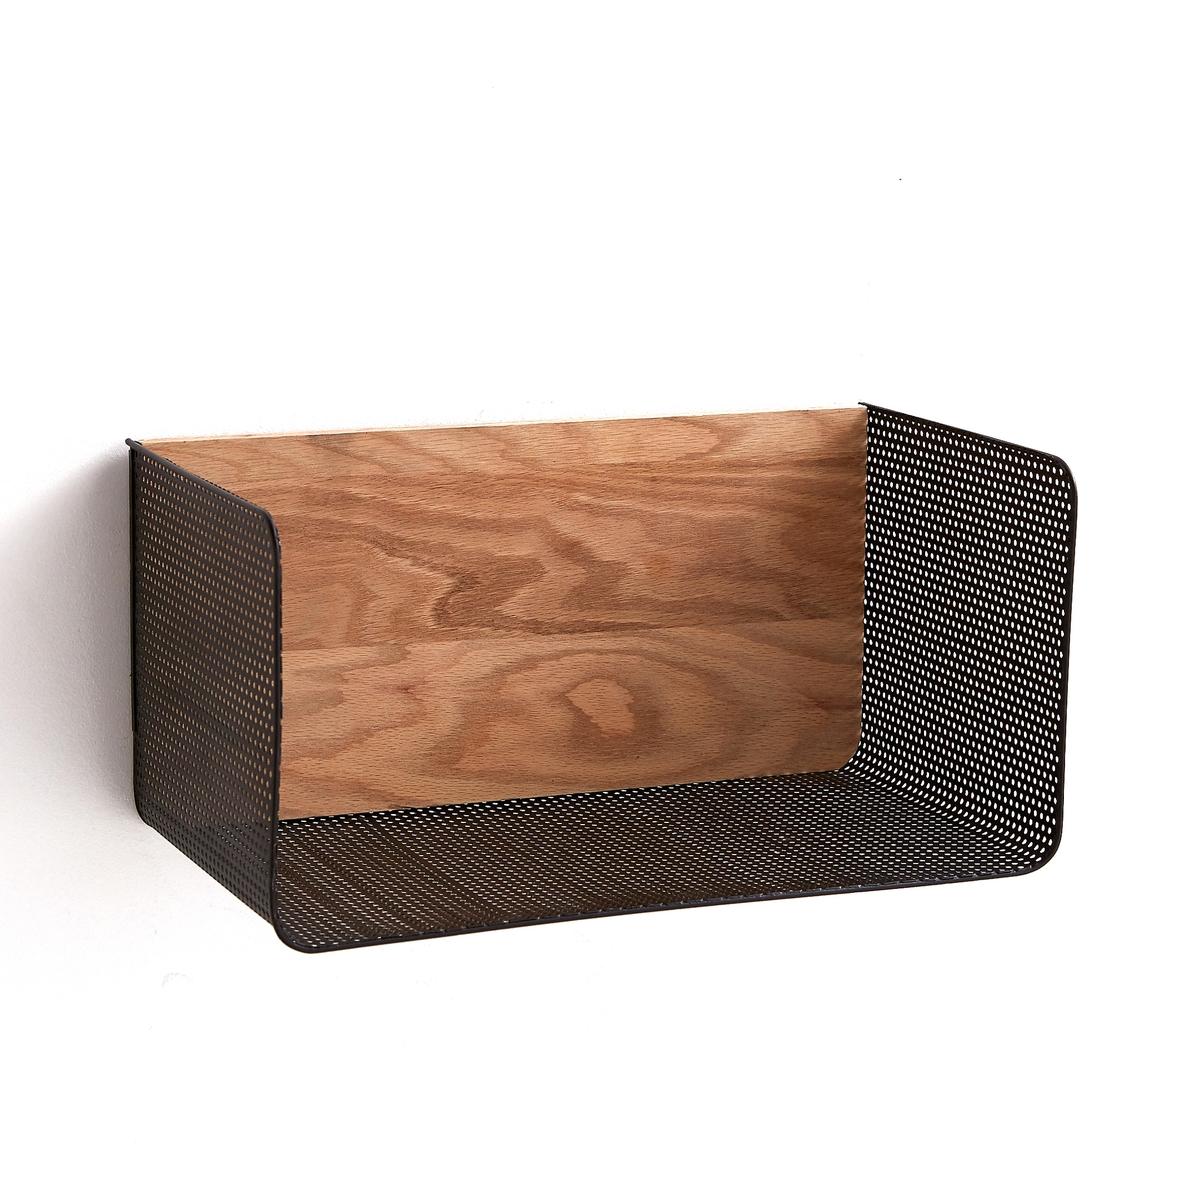 Этажерка Ordonato для рабочего кабинетаЭтажерка Ordonato для рабочего кабинета. Элегантное сочетание неокрашенного дуба и черного металла. Крепится на стену для хранения книг и документов.Характеристики :- Из дуба - Корзина из ажурного металлаРазмеры :- Ш40 x В20 x Г22 см Полная коллекция Ordonato для организации рабочего пространства на сайте ampm.ru<br><br>Цвет: металл черный/дуб